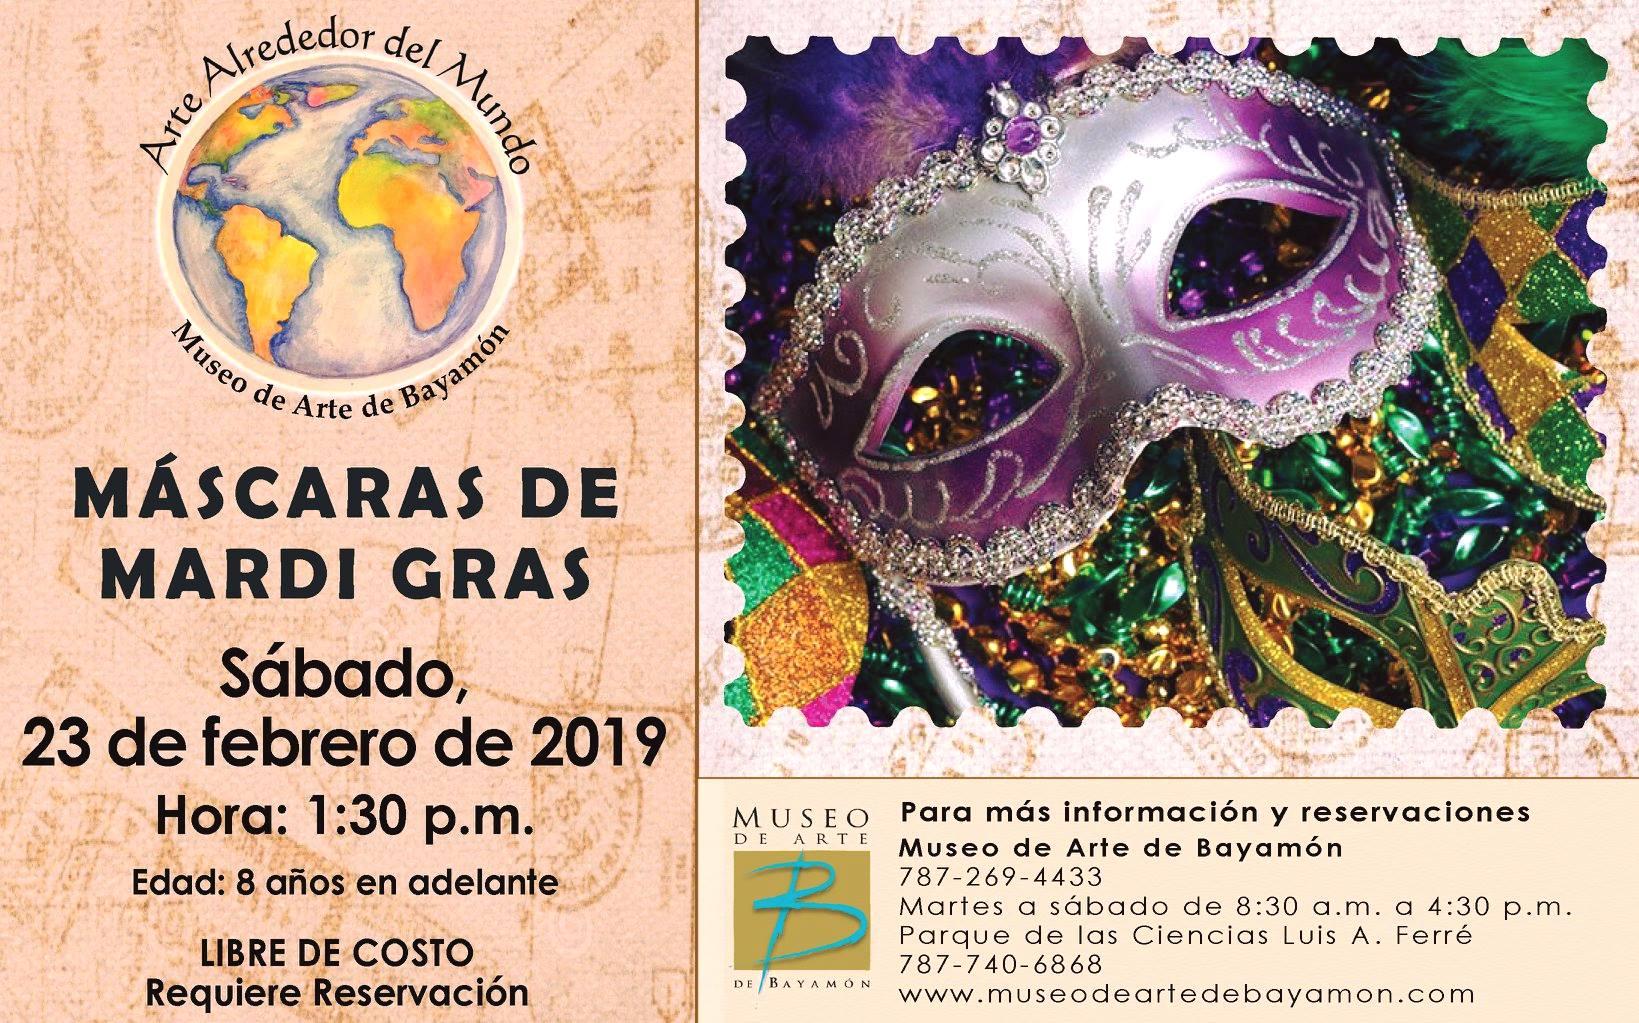 Taller de Máscaras de Mardi Gras el 23 de febrero de 2019 a las 1:30 p.m. en el Museo de Arte de Bayamón